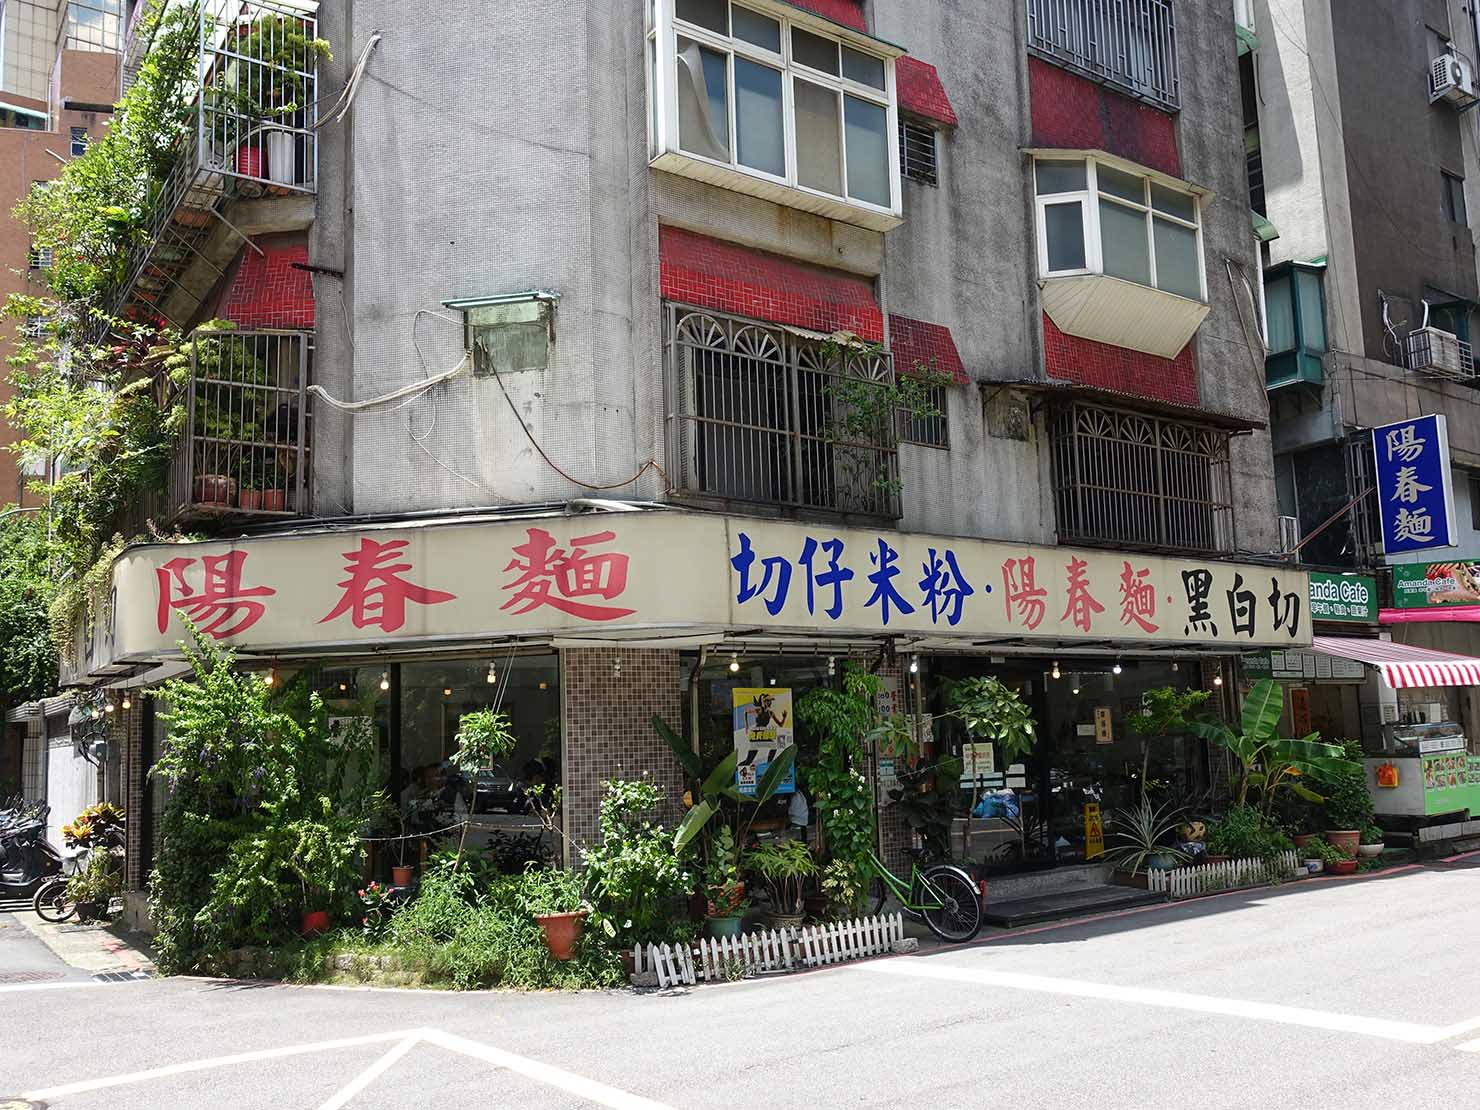 台北・忠孝新生駅周辺のおすすめグルメ店「名前のない臨沂街の麺店」の外観